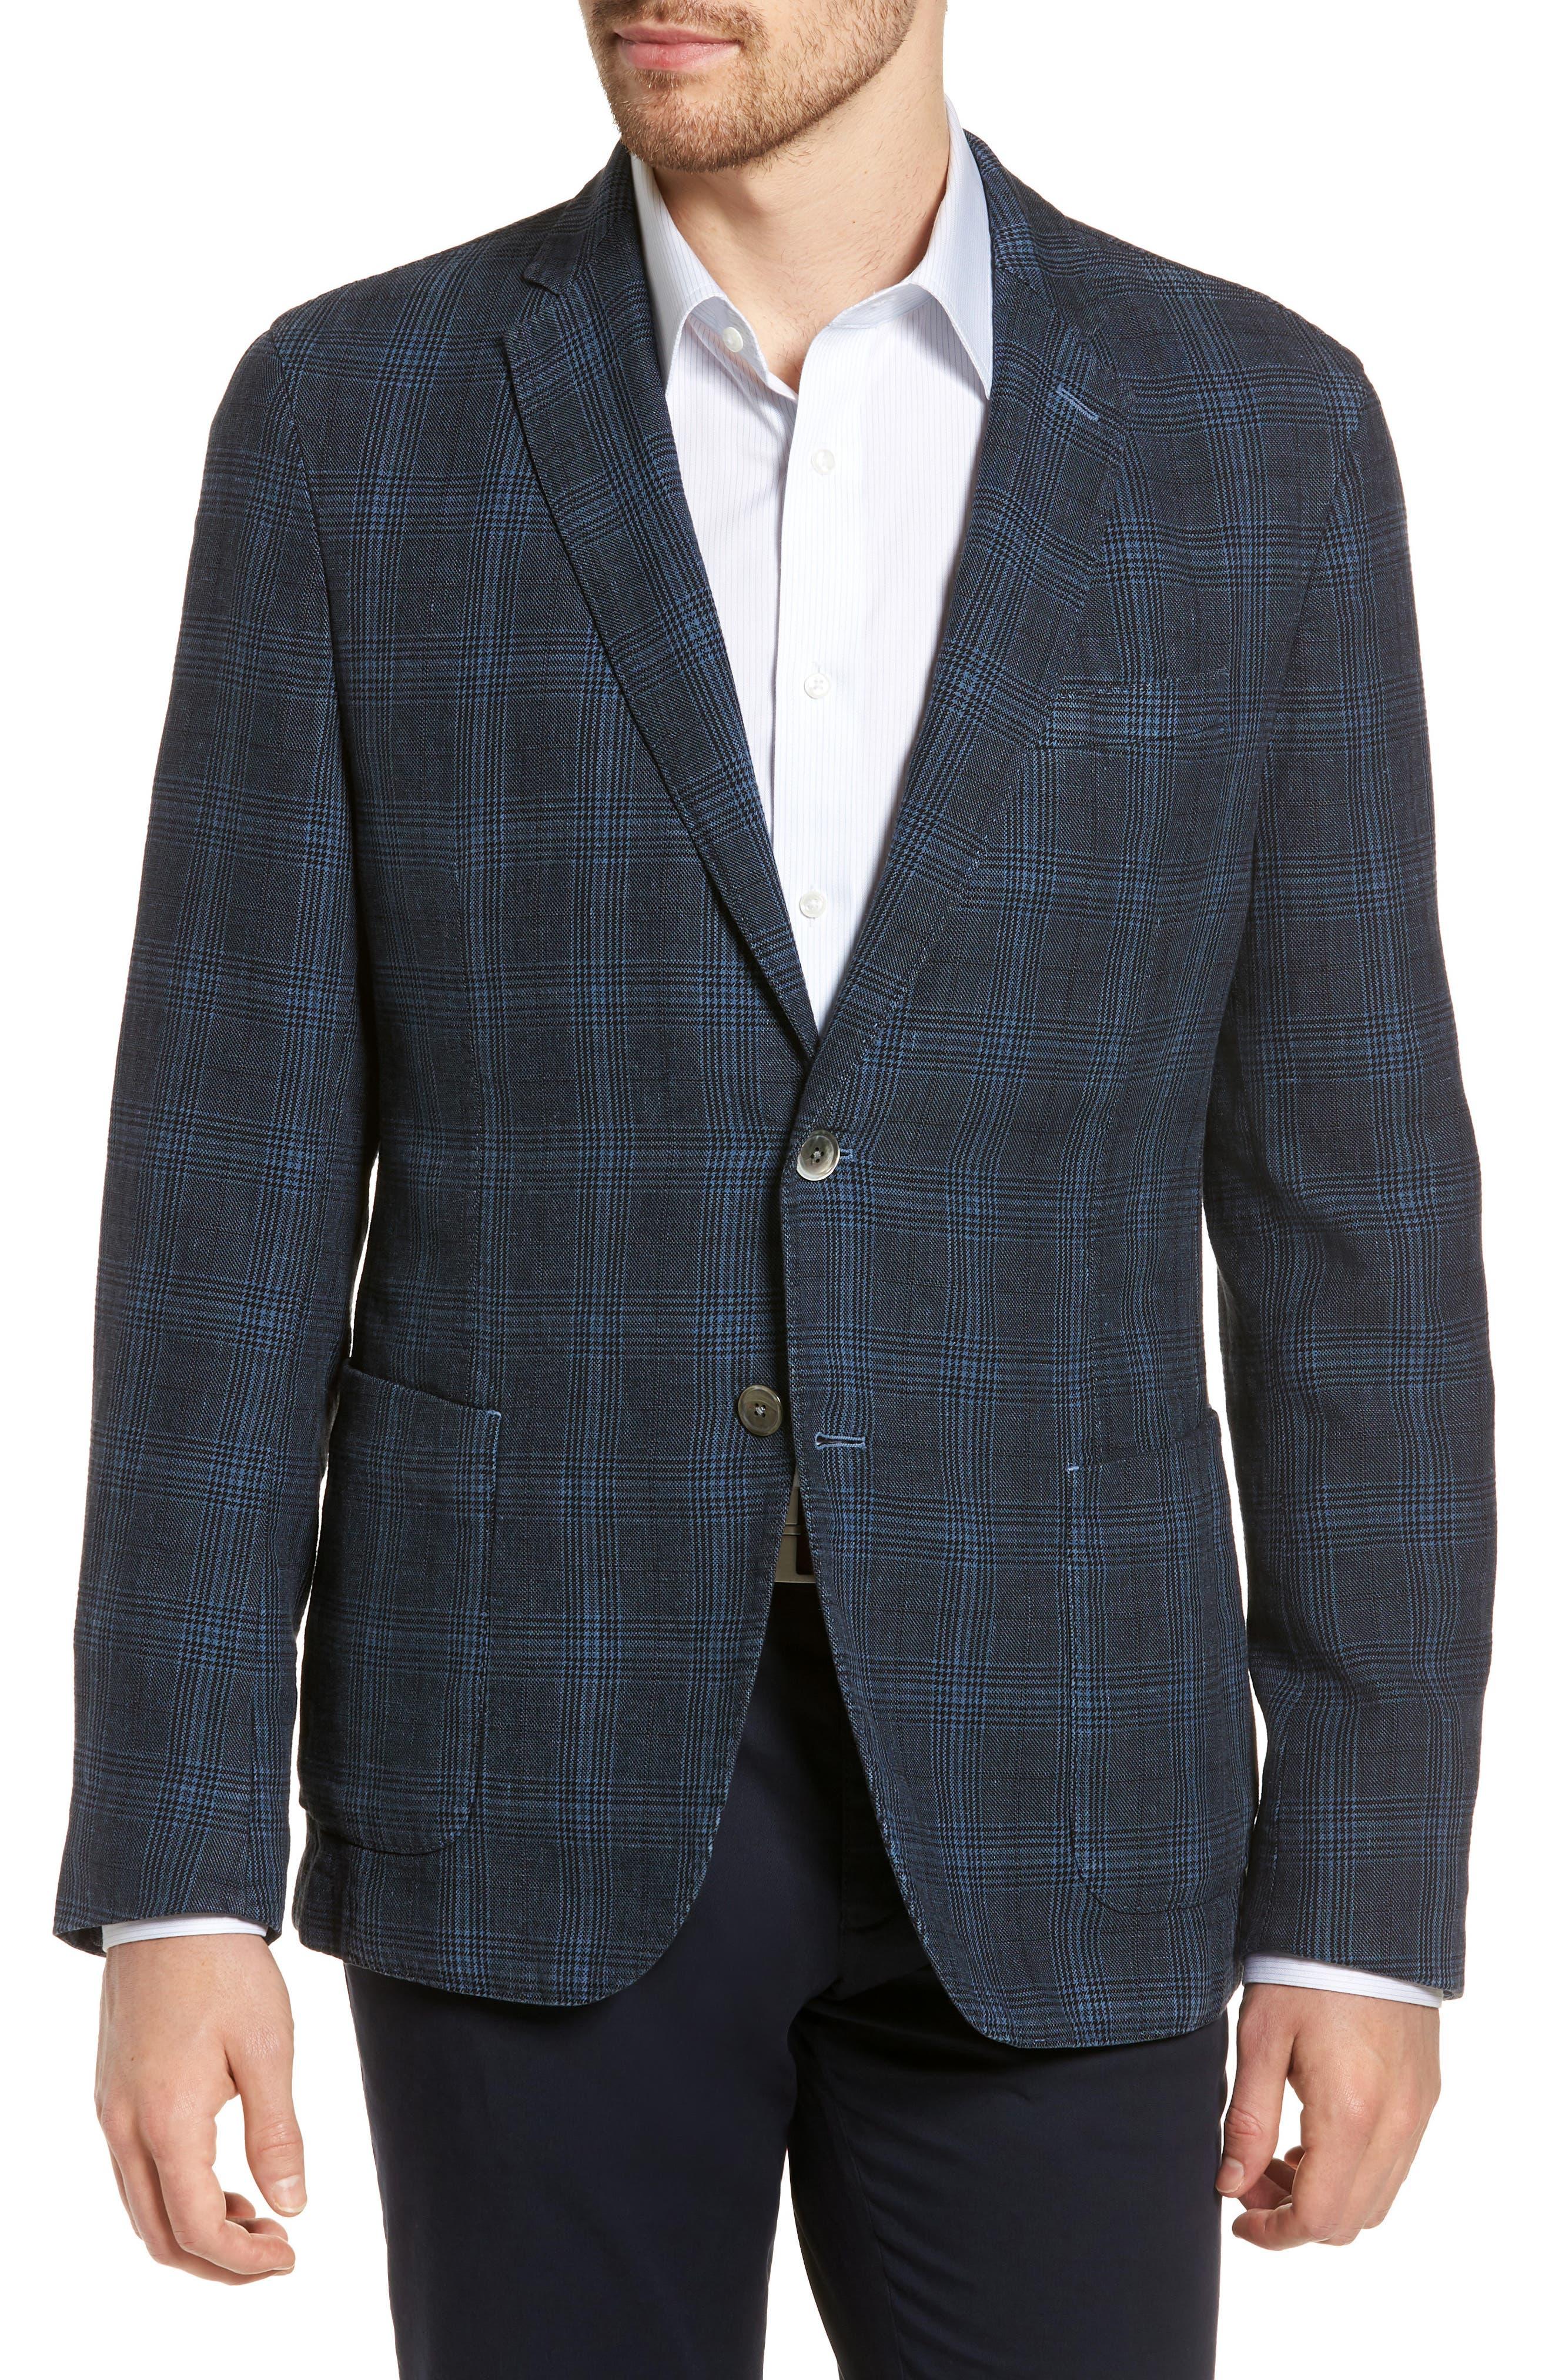 Hanry-D Trim Fit Plaid Linen & Cotton Sport Coat,                             Main thumbnail 1, color,                             BLUE